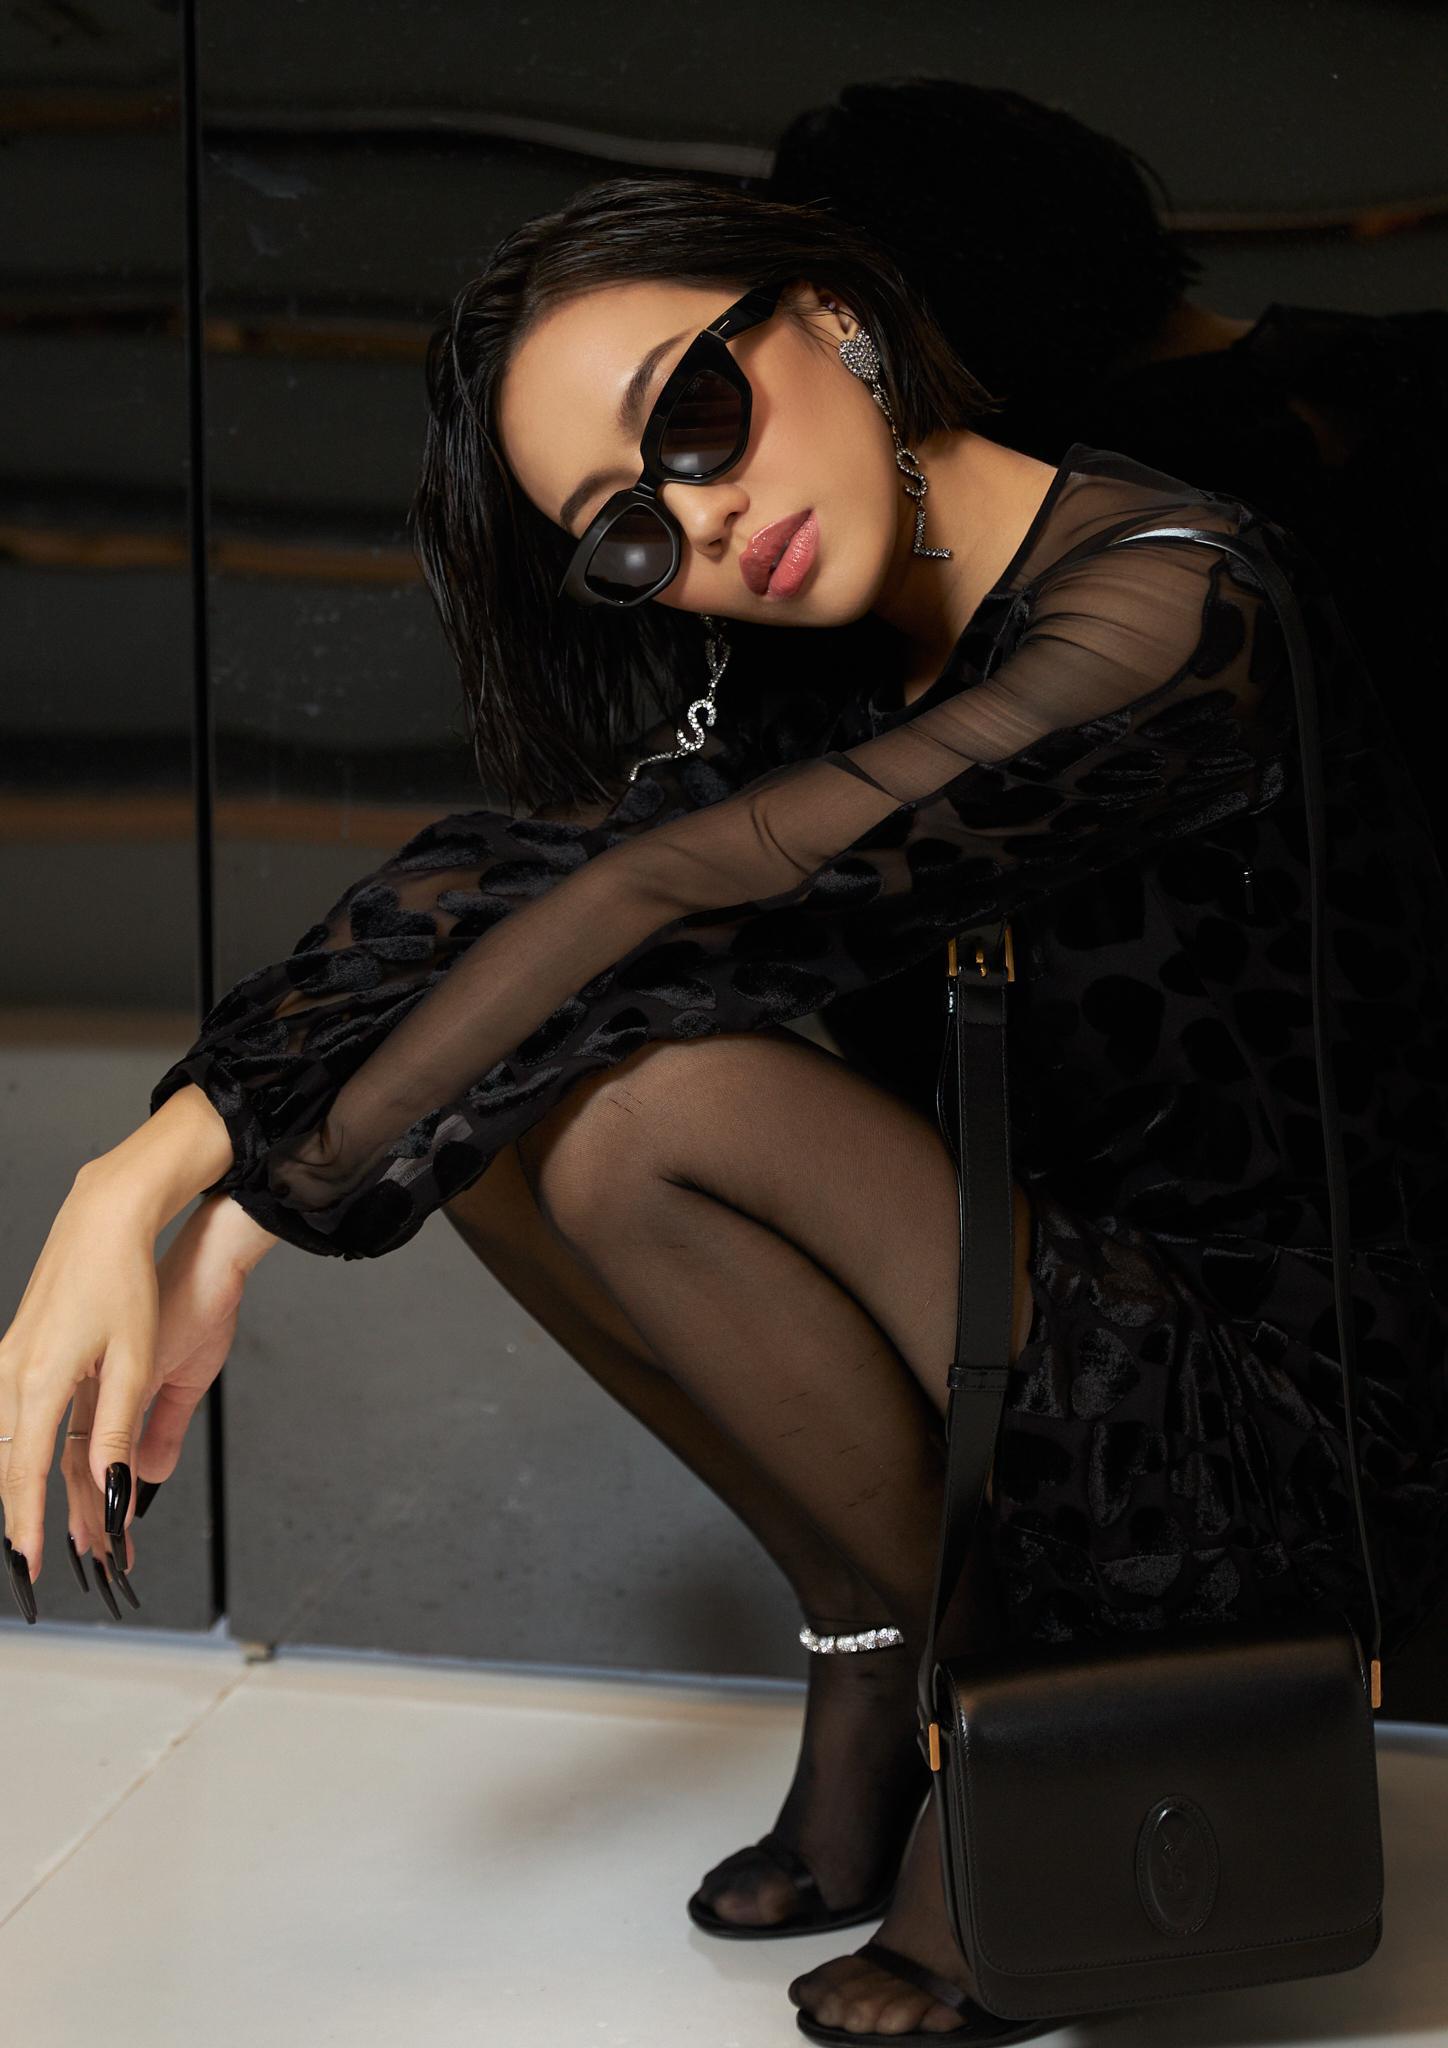 """Đụng hàng Saint Laurent: Quỳnh Anh Shyn tự tin với phong cách Rock chic, Ngọc Trinh và Diệu Nhi lại """"biến hình"""" gợi cảm, huyền bí - Ảnh 8."""